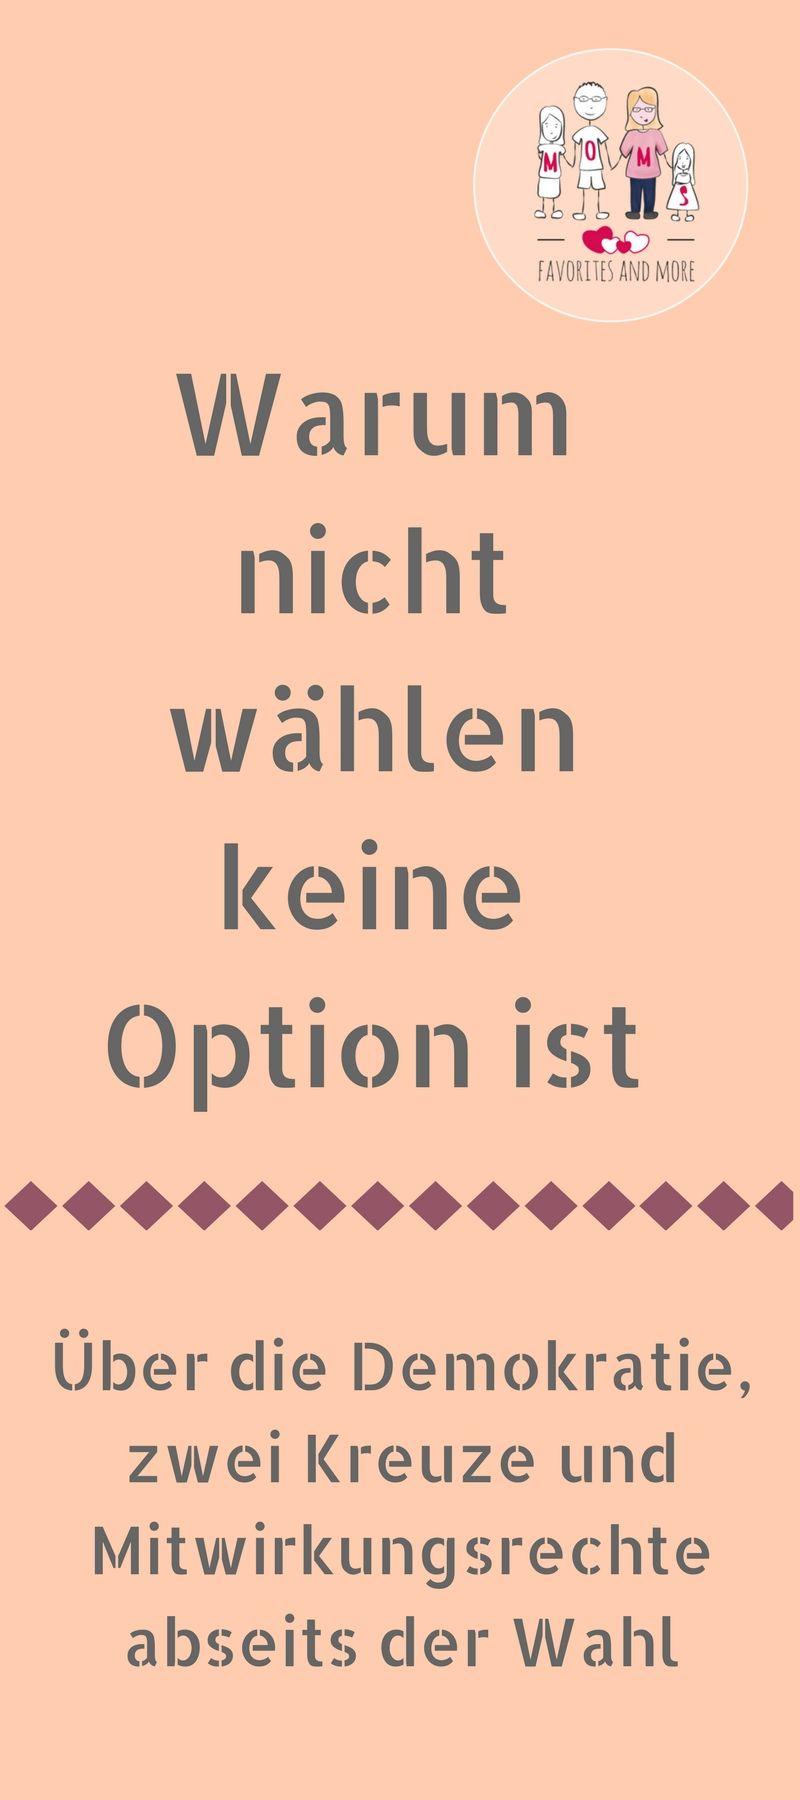 Warum nicht wählen keine Option ist #interessen